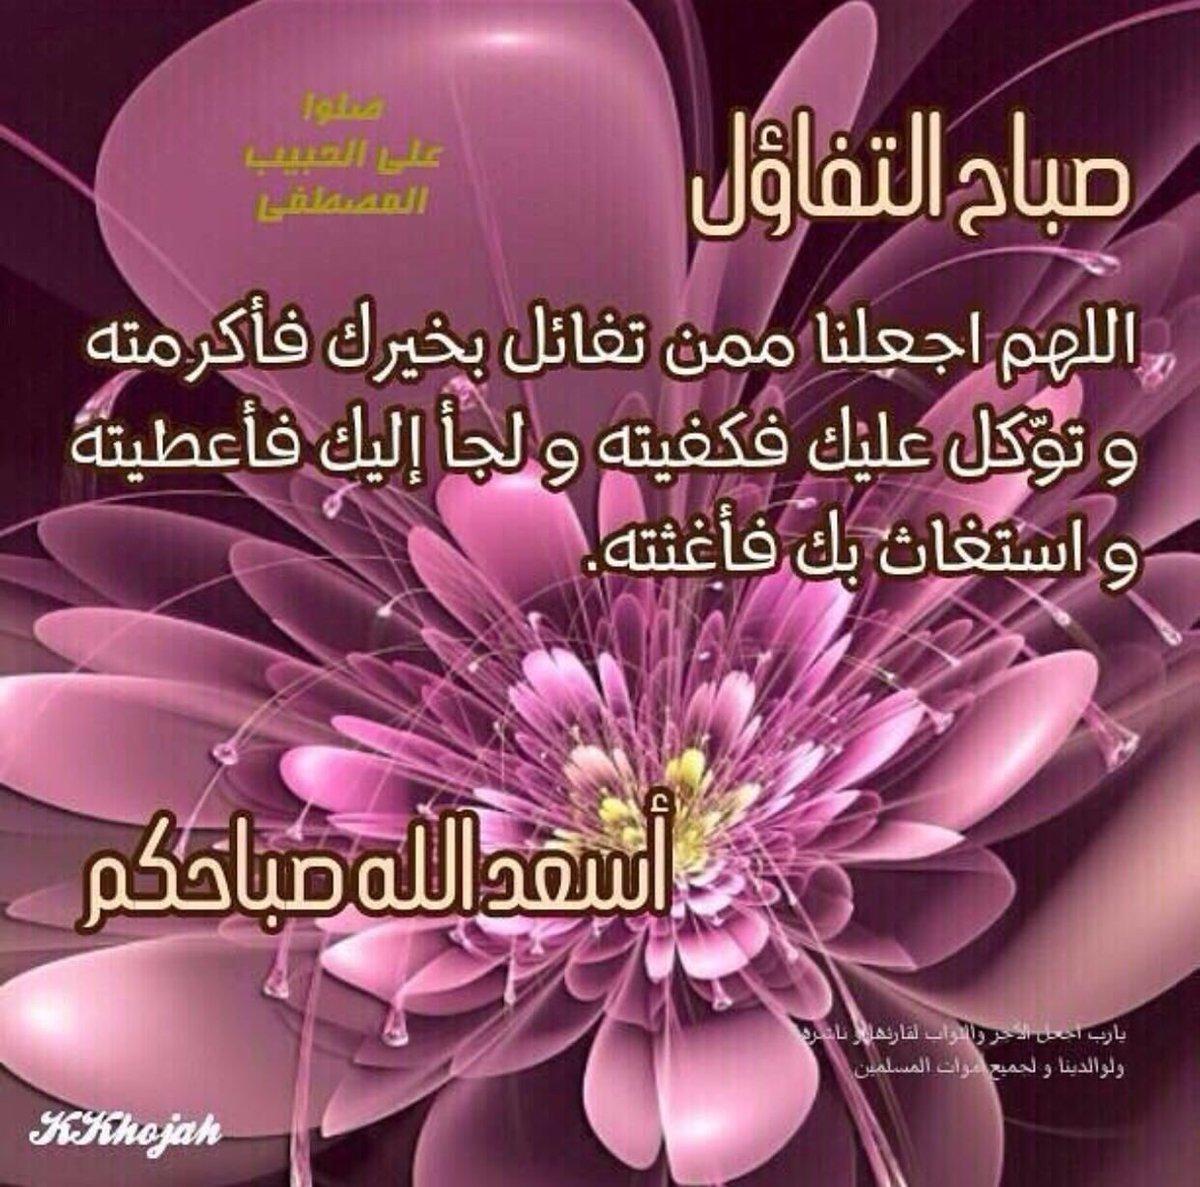 بالصور صور صباح الخير للحبيب , الغالي العزيز والوفي 2021 11